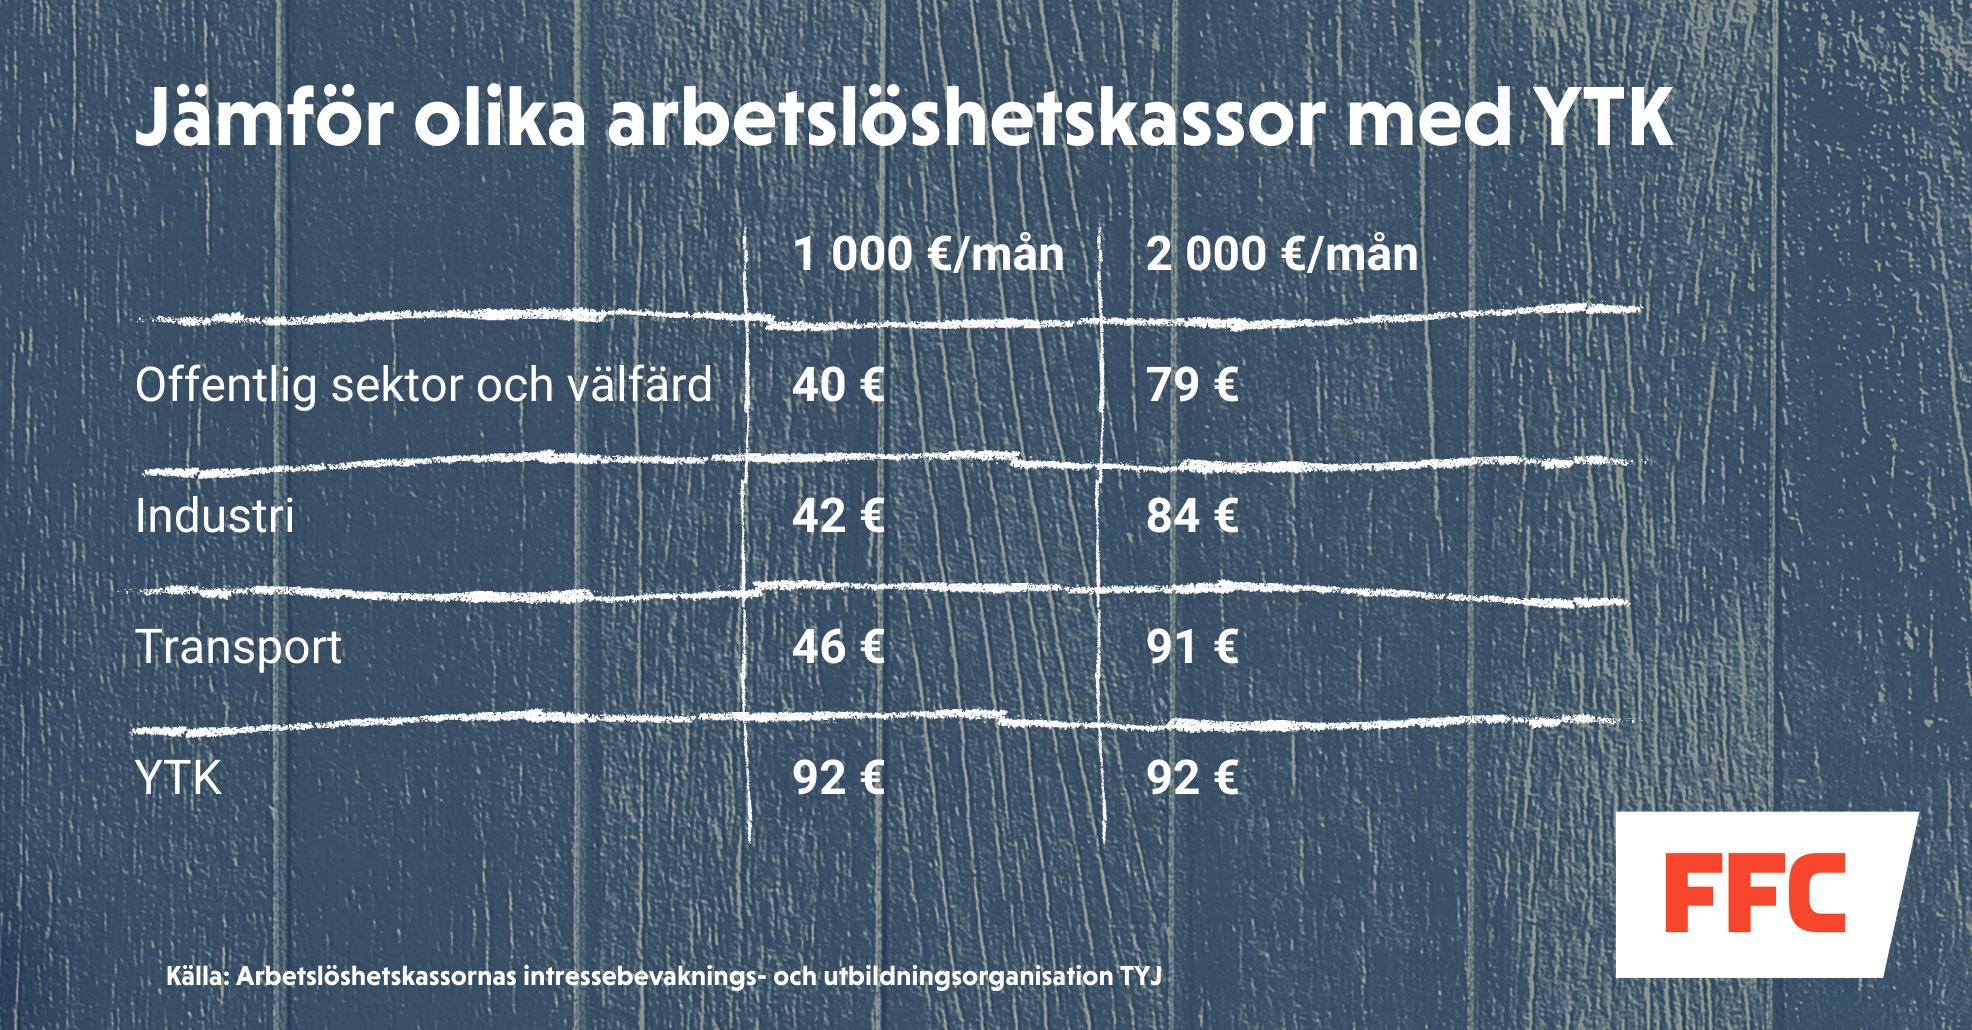 Jämförelse av arbetslöshetskassornas medlemsavgifter 2020